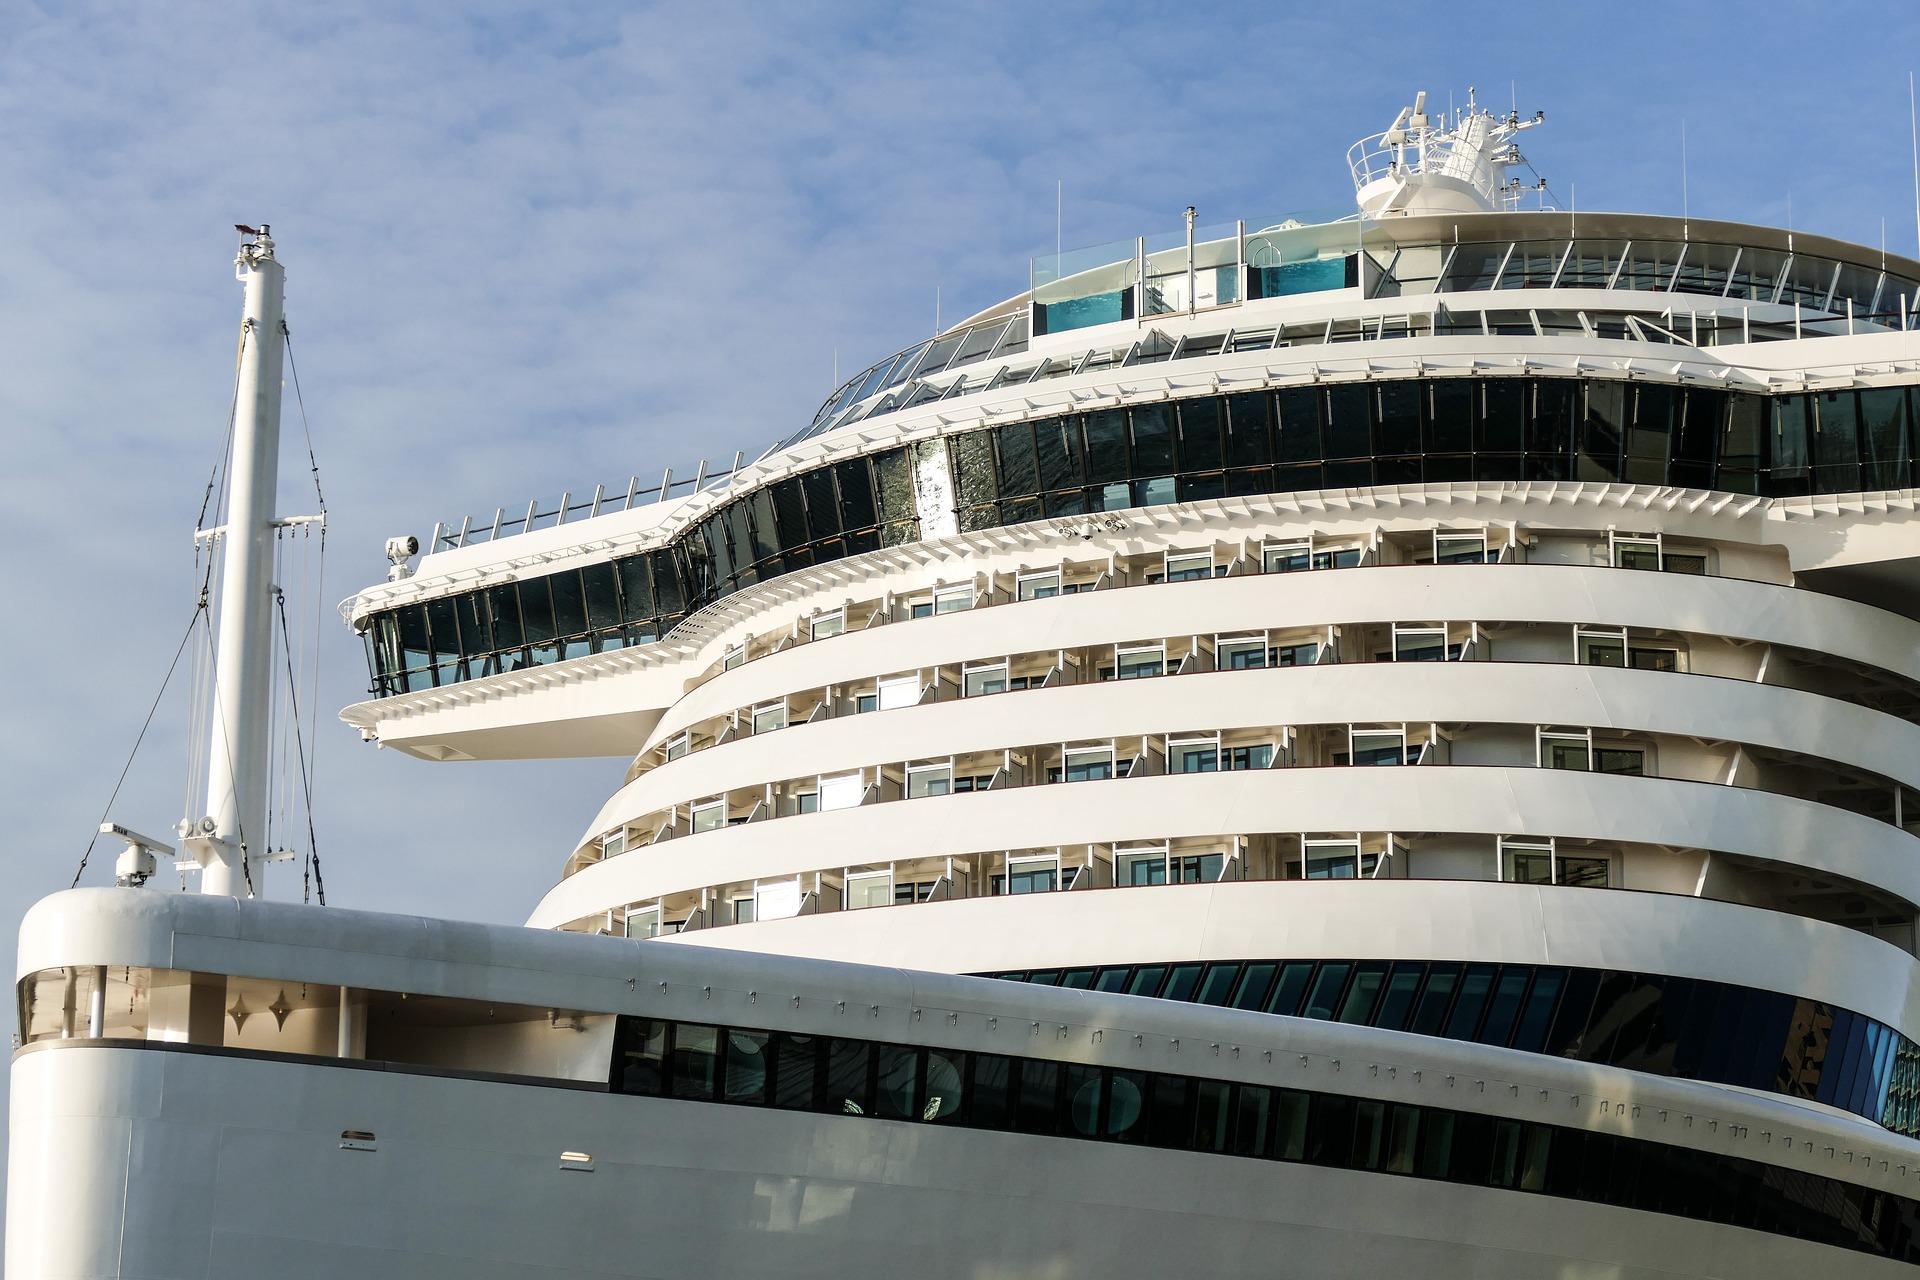 cruise-ship-2251245_1920